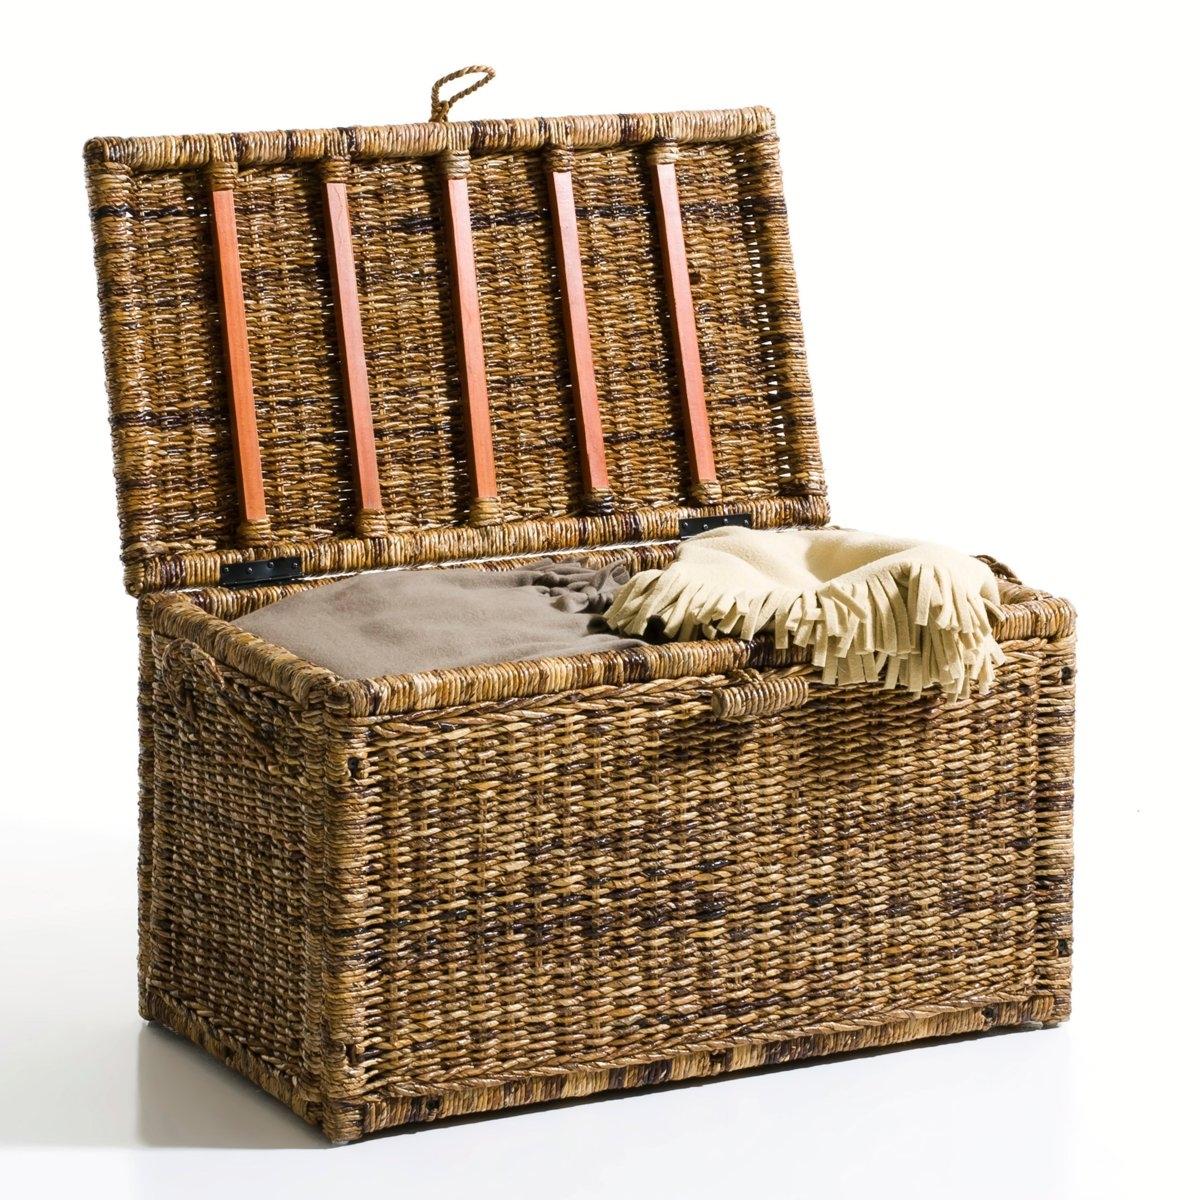 Чемодан деревянный , SemraОписание:ручки  с обеих сторон .Внутренняя отделка- кожзаменитель .Характеристики :Из абакового дерева . Плотное дно со складками не повредит пол .на завязках . Поставляется в разобранном виде.больше чемоданов на нашем сайте .Размеры :Длина : 90 смВысота : 50 смГлубина : 50 смразмеры ящика:L101 x H16 x P90 см.<br><br>Цвет: серо-бежевый